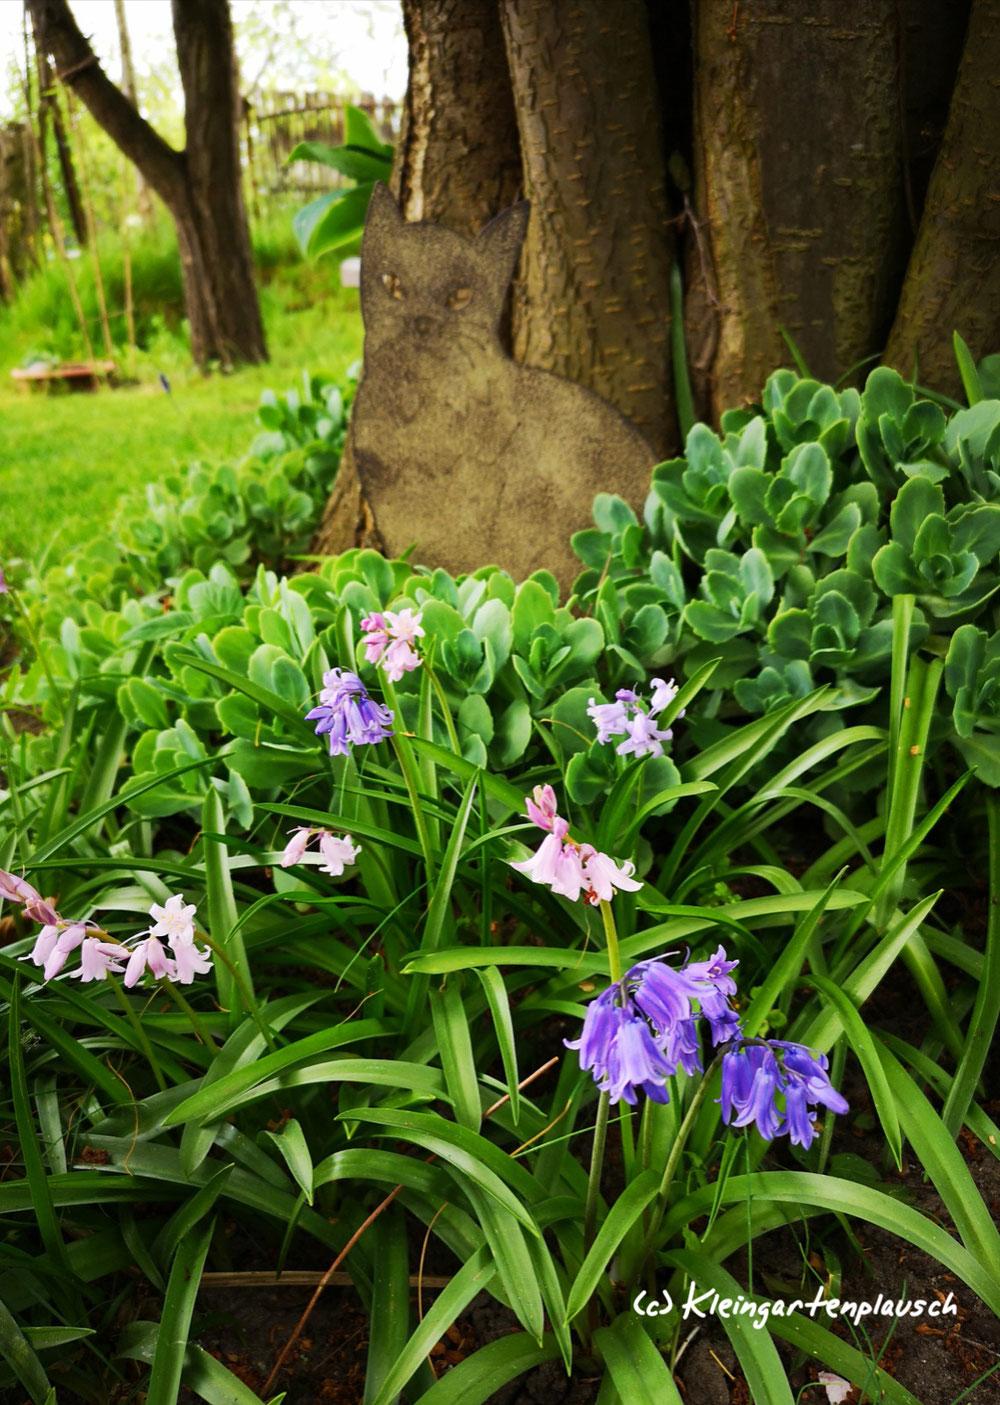 Hasenglöckchen - Symbol der Unbeschwertheit des Frühlings